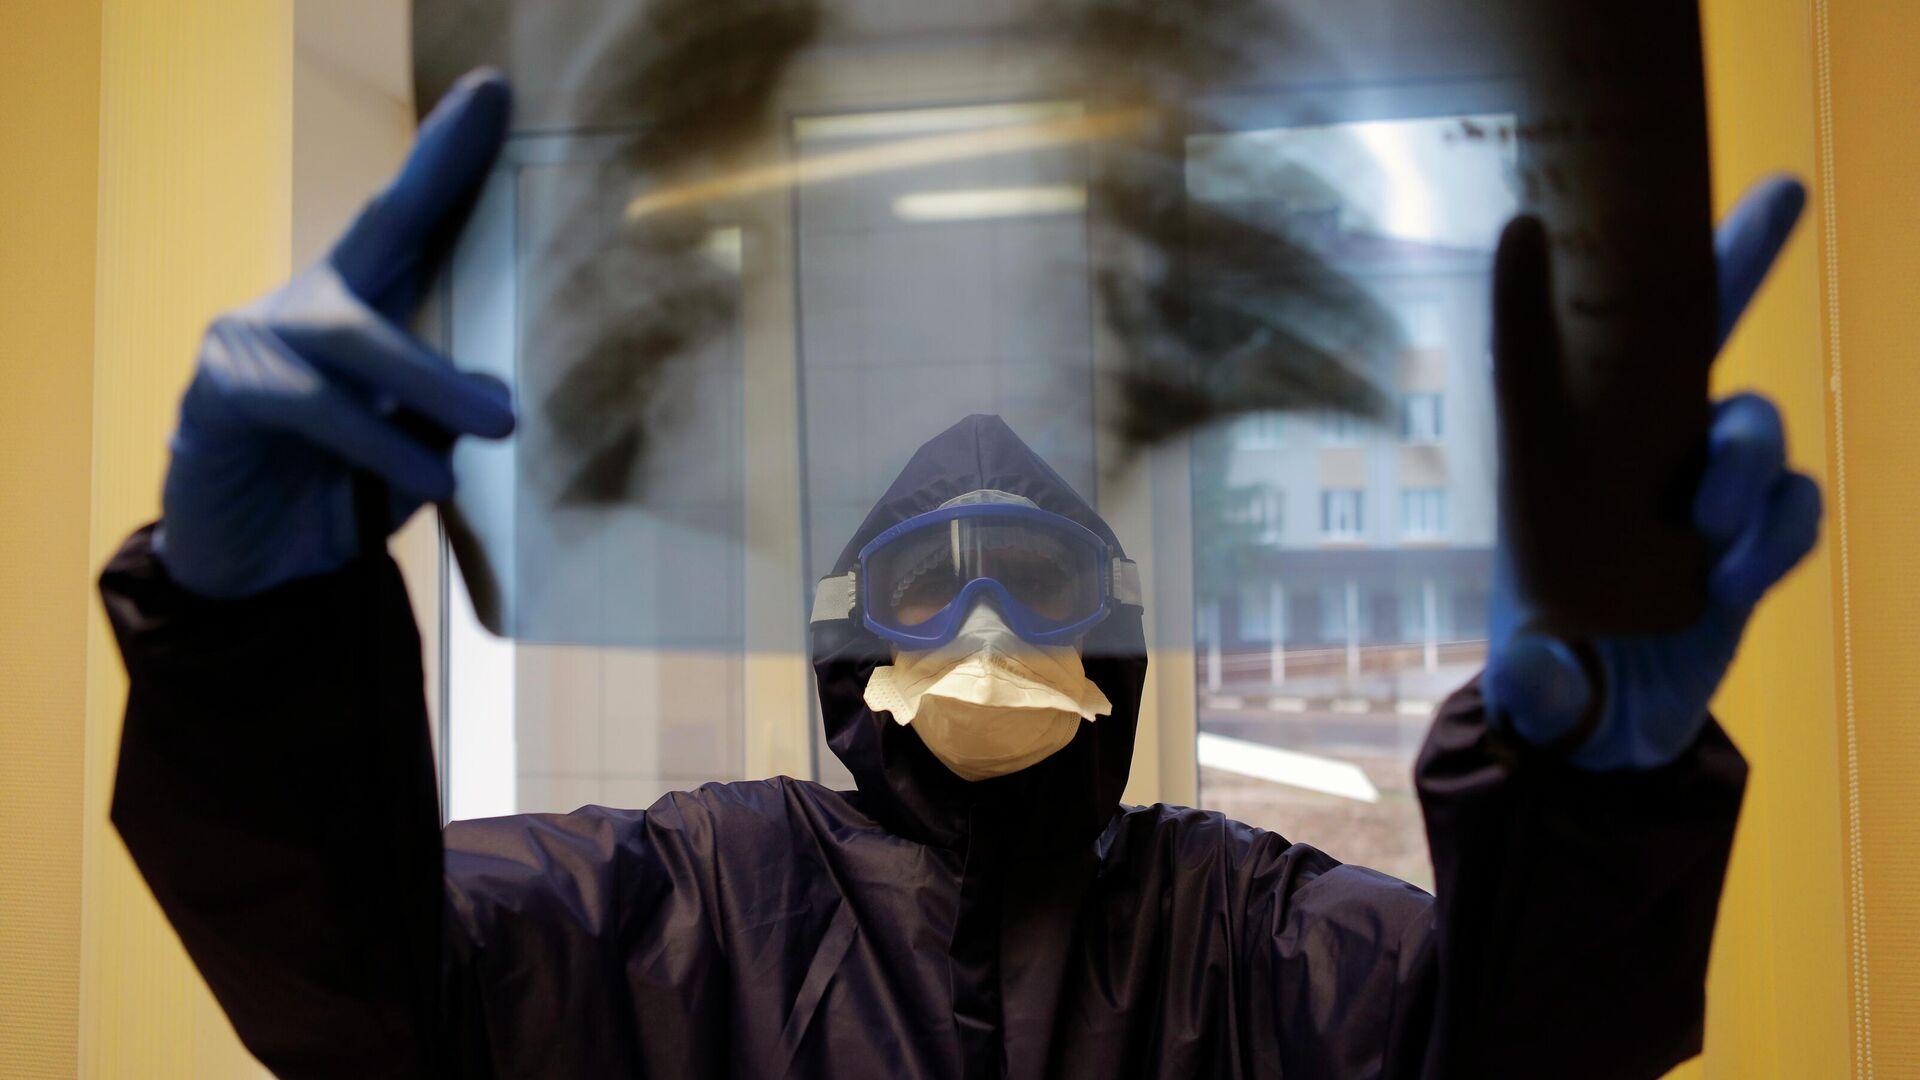 Медицинский работник  в ковид-госпитале, организованном в центральной районной больнице в Белгородской области - РИА Новости, 1920, 04.02.2021